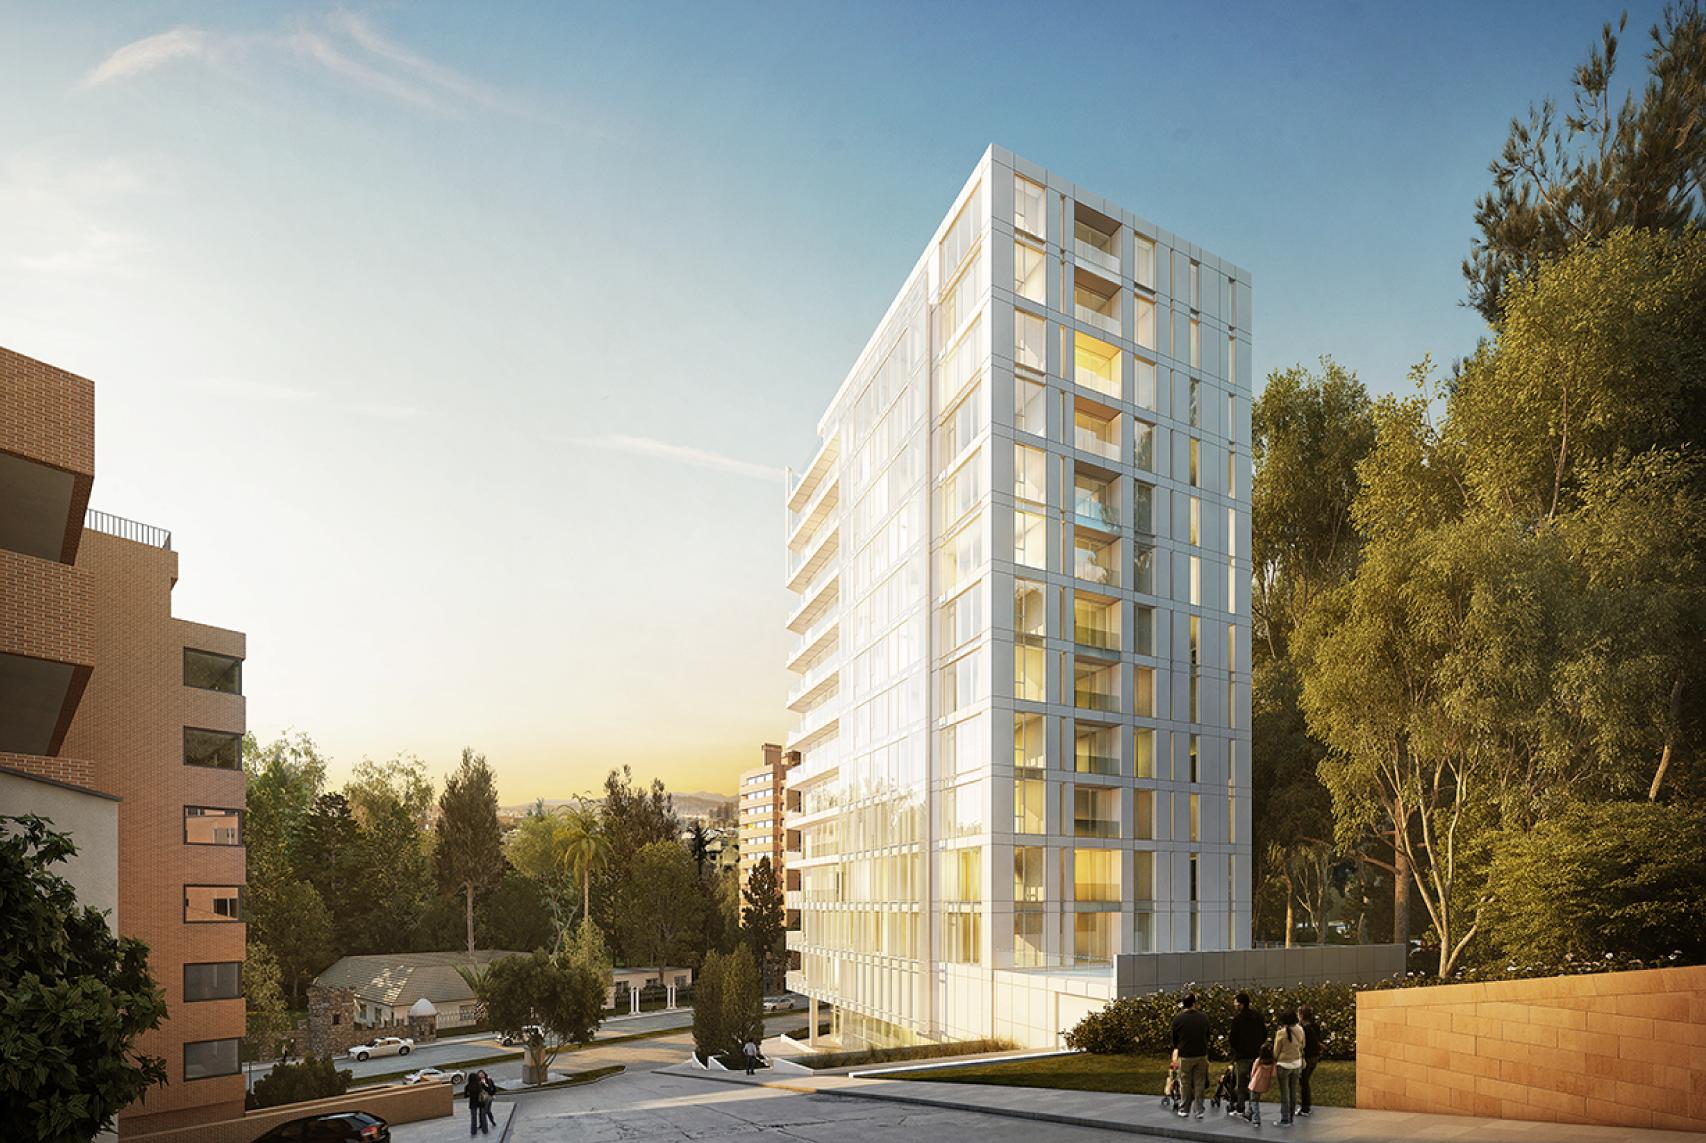 Richard Meier diseña edificio residencial en Bogotá, Colombia, Courtesy of Vitrum